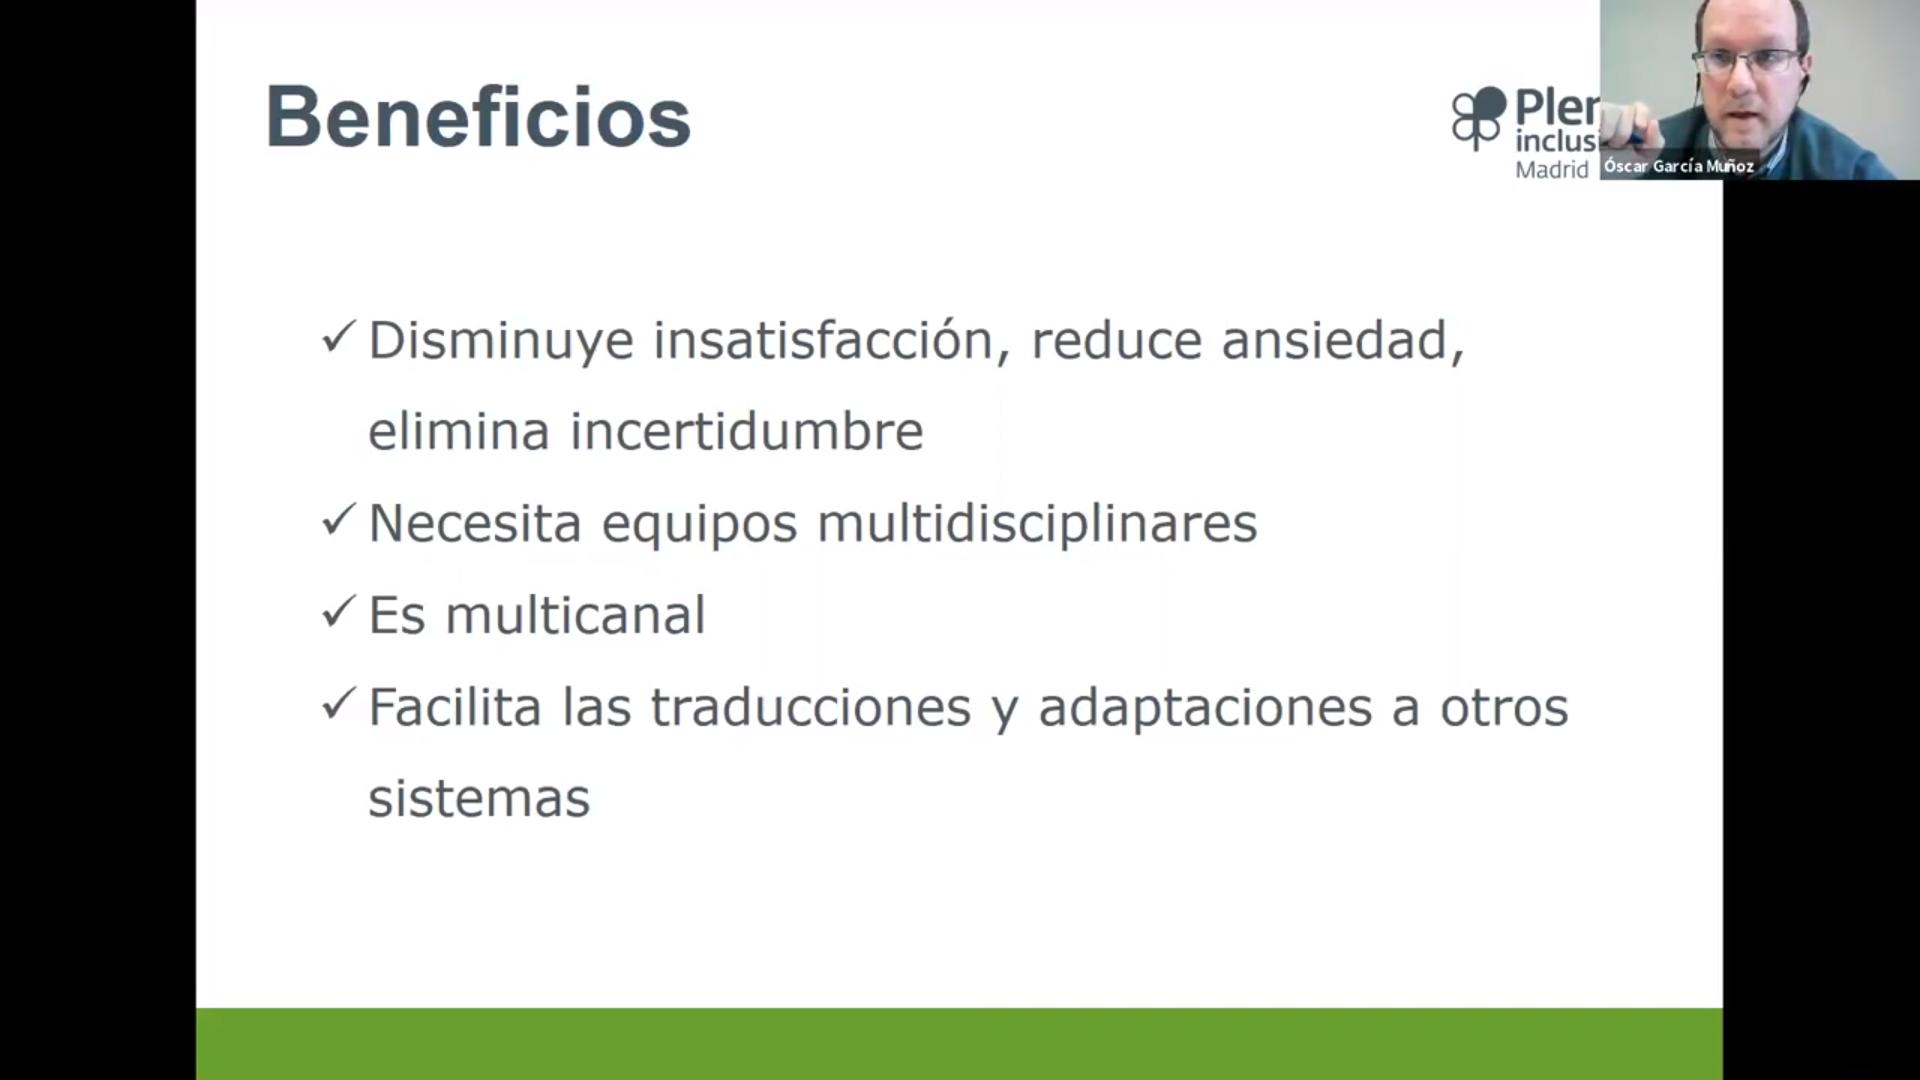 Diapositiva de la presentación de Oscar García Muñoz. El texto dice: Beneficios. Disminuye insatisfacción, reduce ansiedad, elimina incertidumbre. Necesita equipos multidisciplinares. Es multicanal. Facilita las traducciones y adaptaciones a otros sistemas.